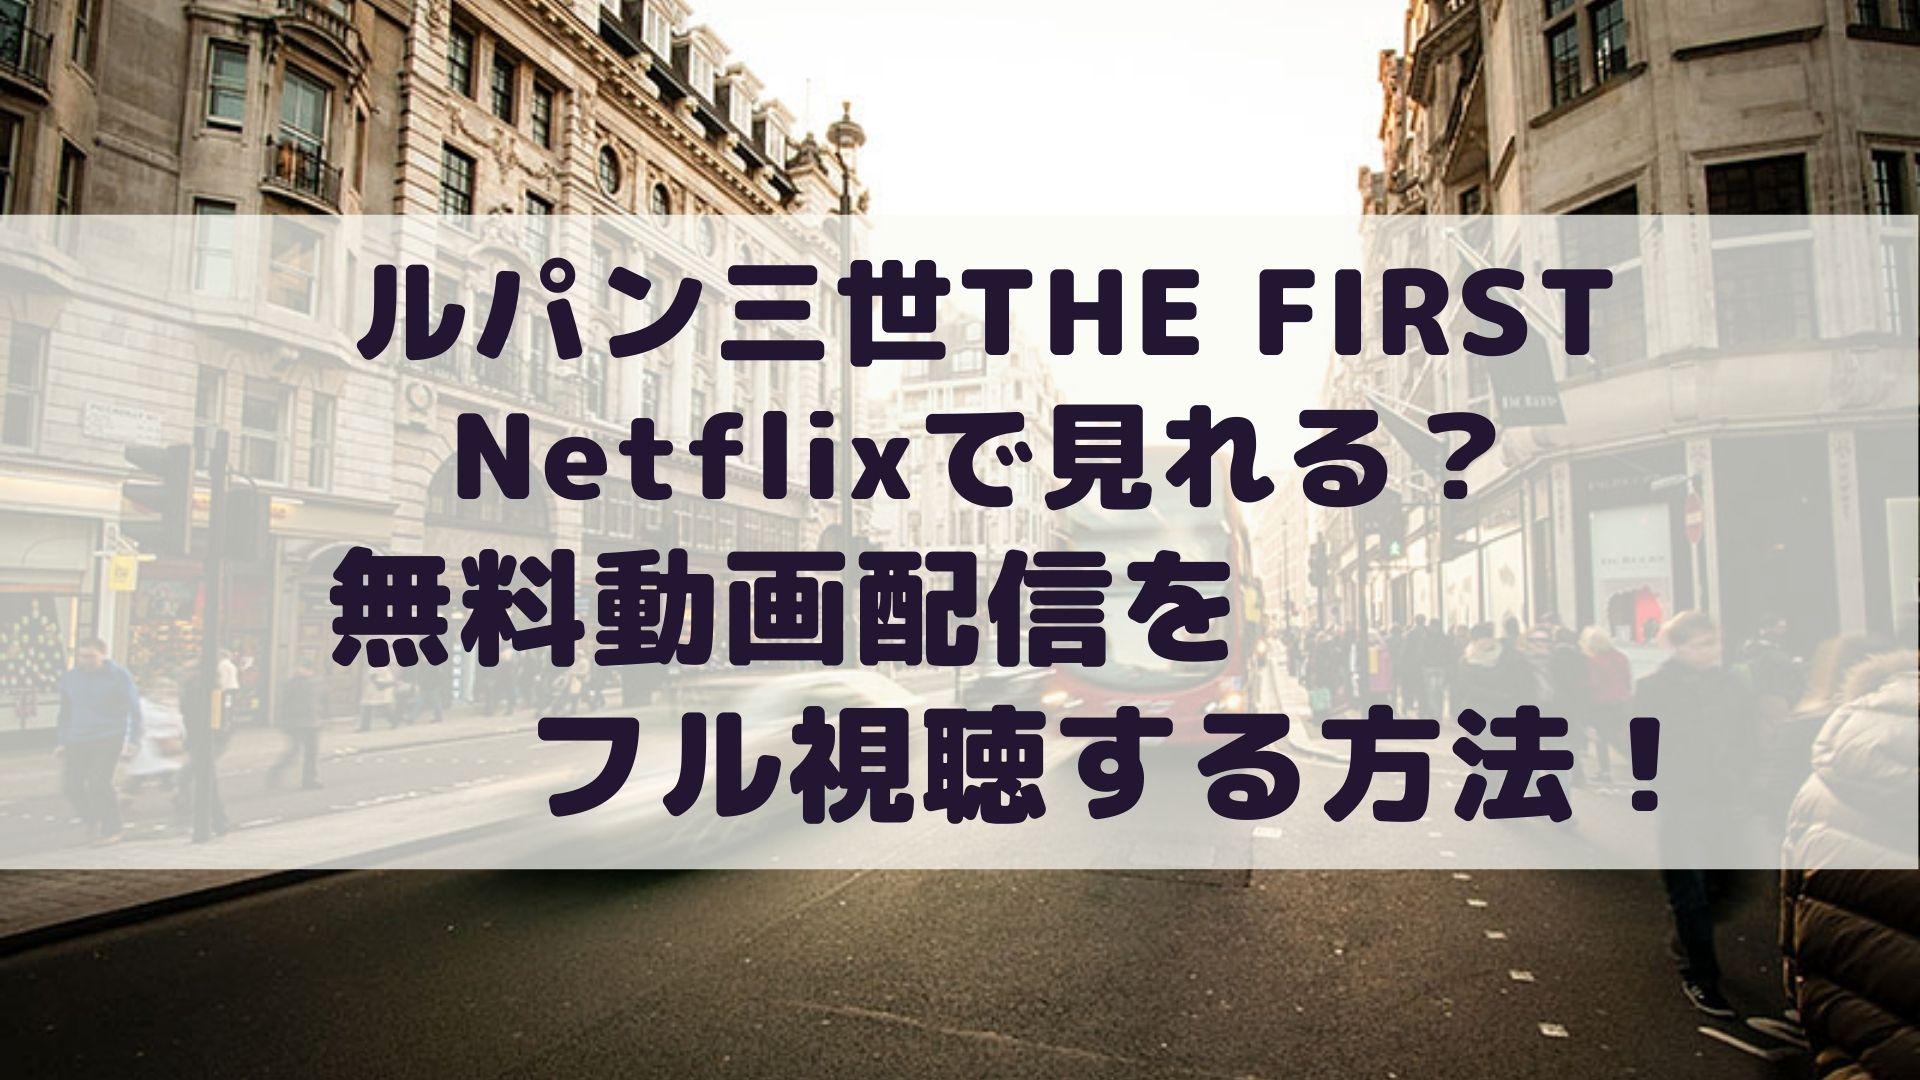 ルパン三世THE FIRSTはNetflixで見れる?無料動画配信をフル視聴する方法!タイトル画像